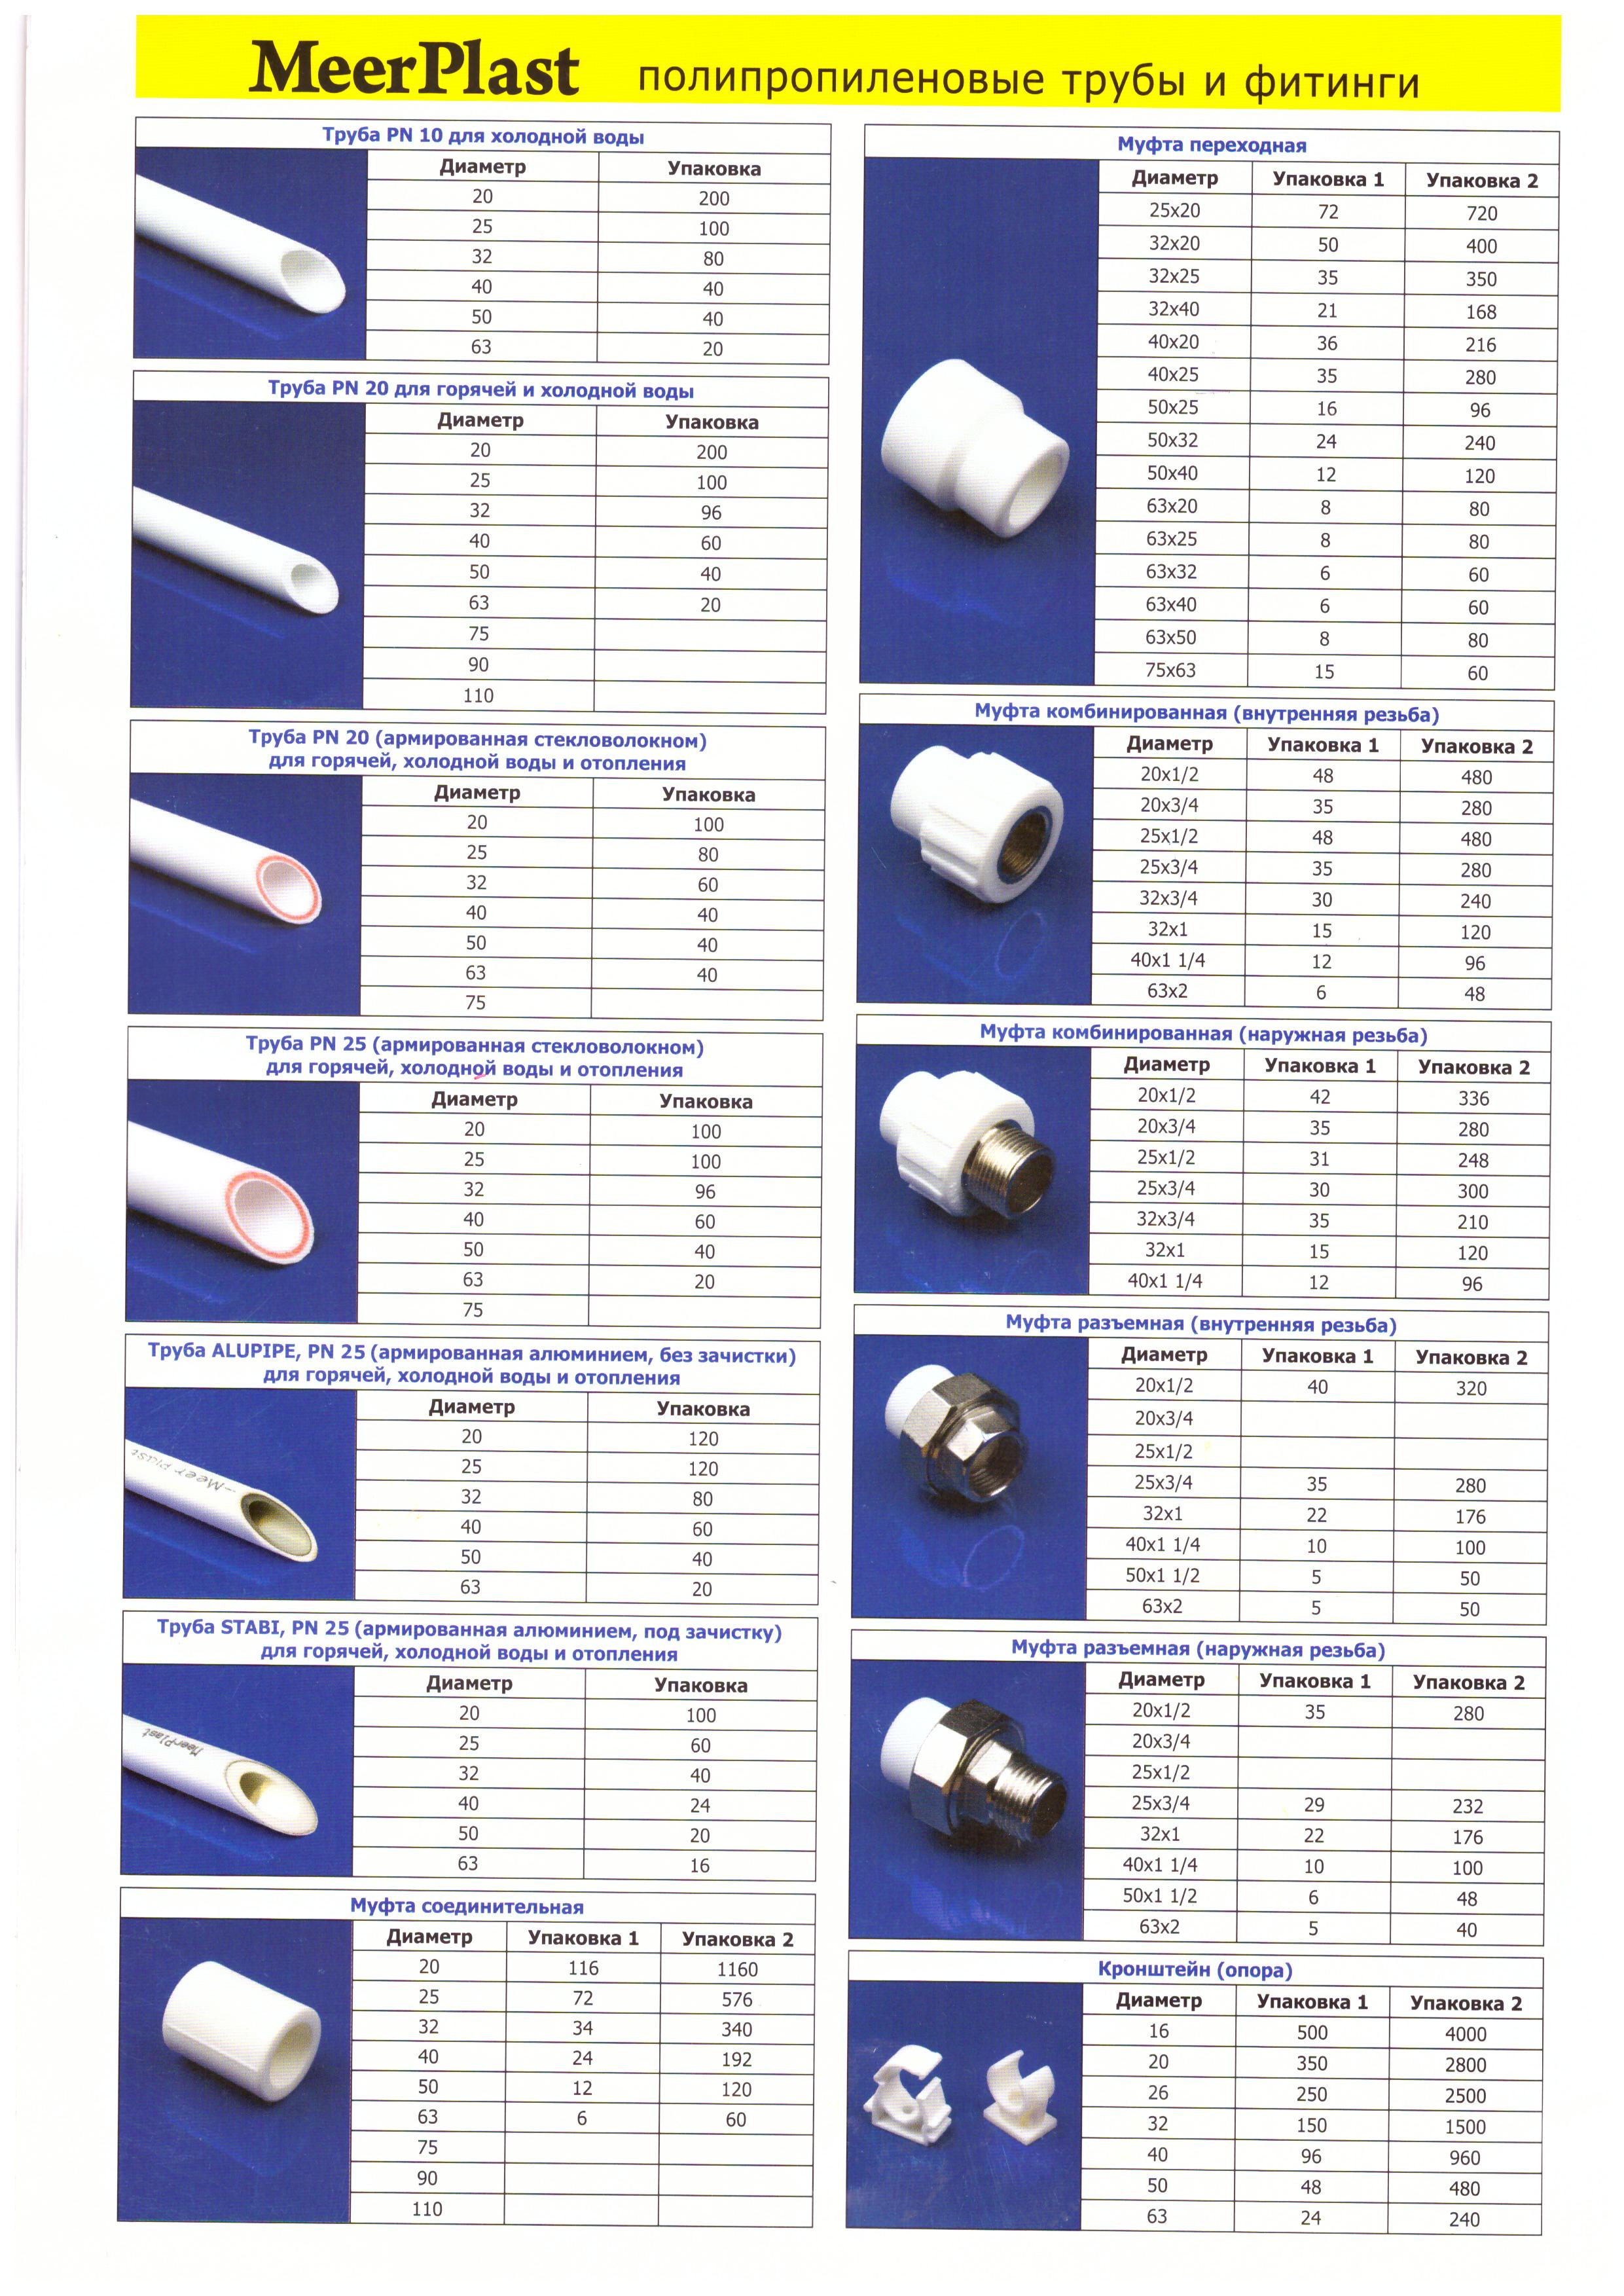 Как выбрать армированные полипропиленовые трубы для отопления?